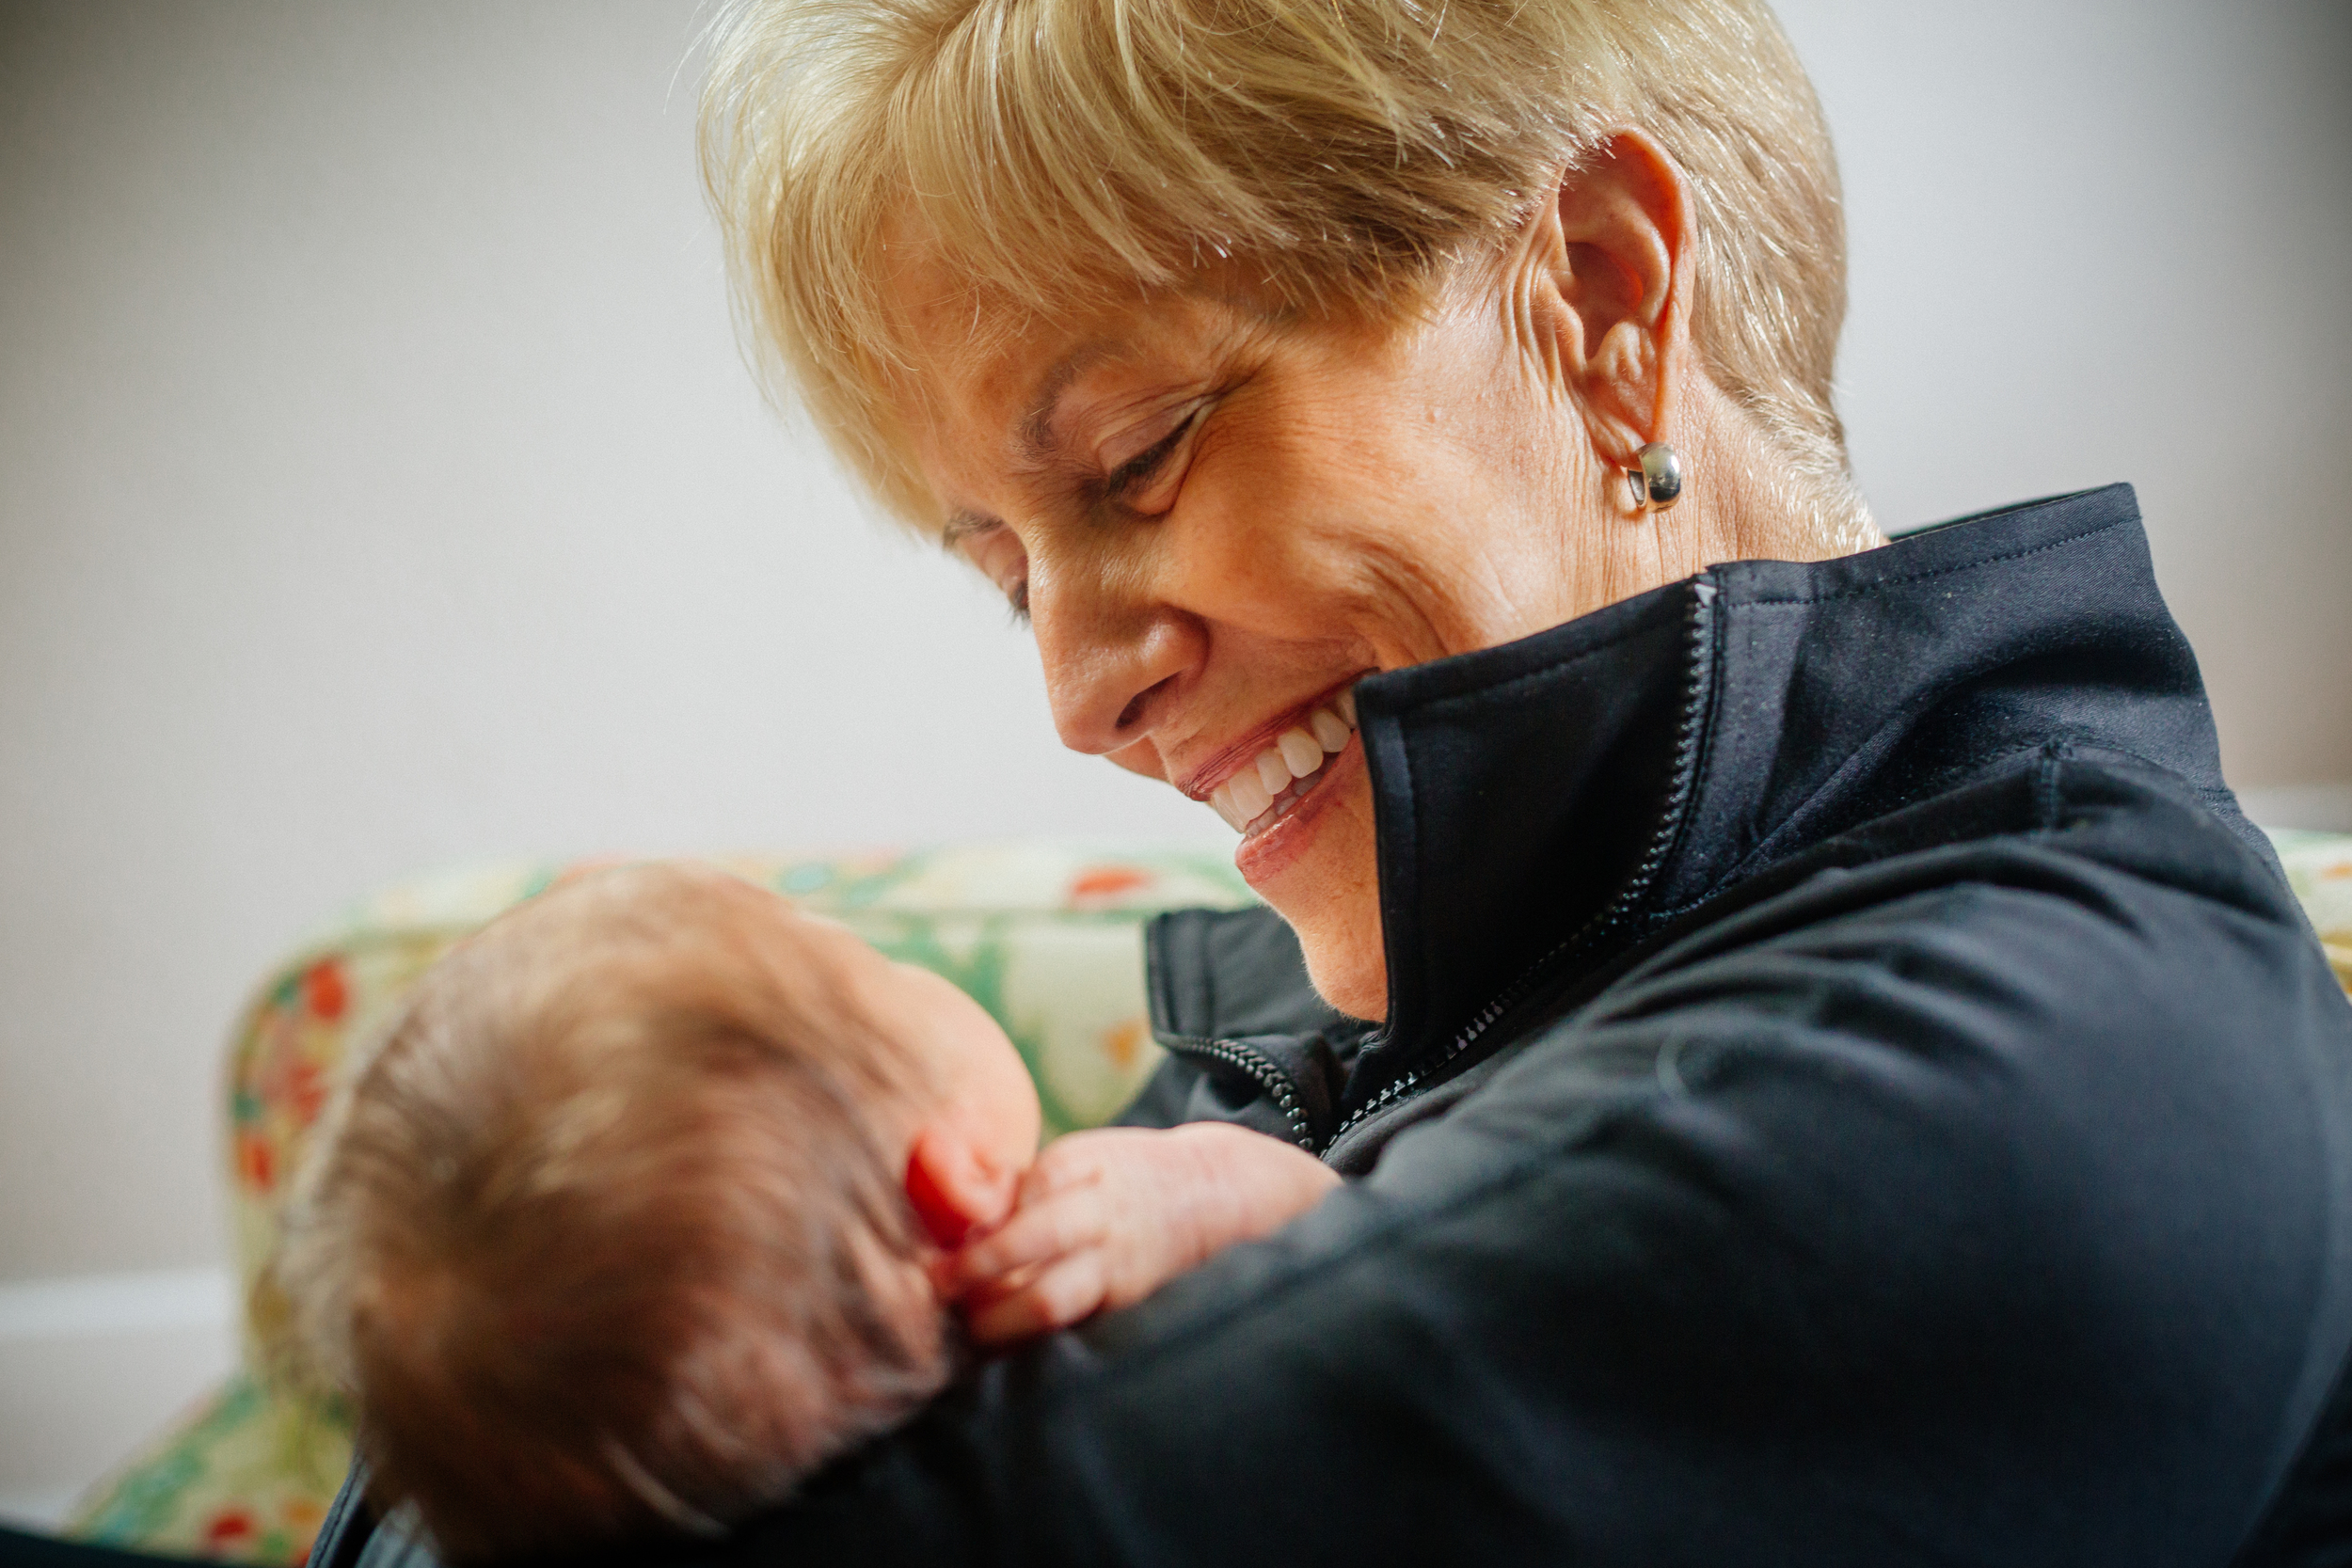 Portenga Family-Lucy-Newborn-2015-7.jpg